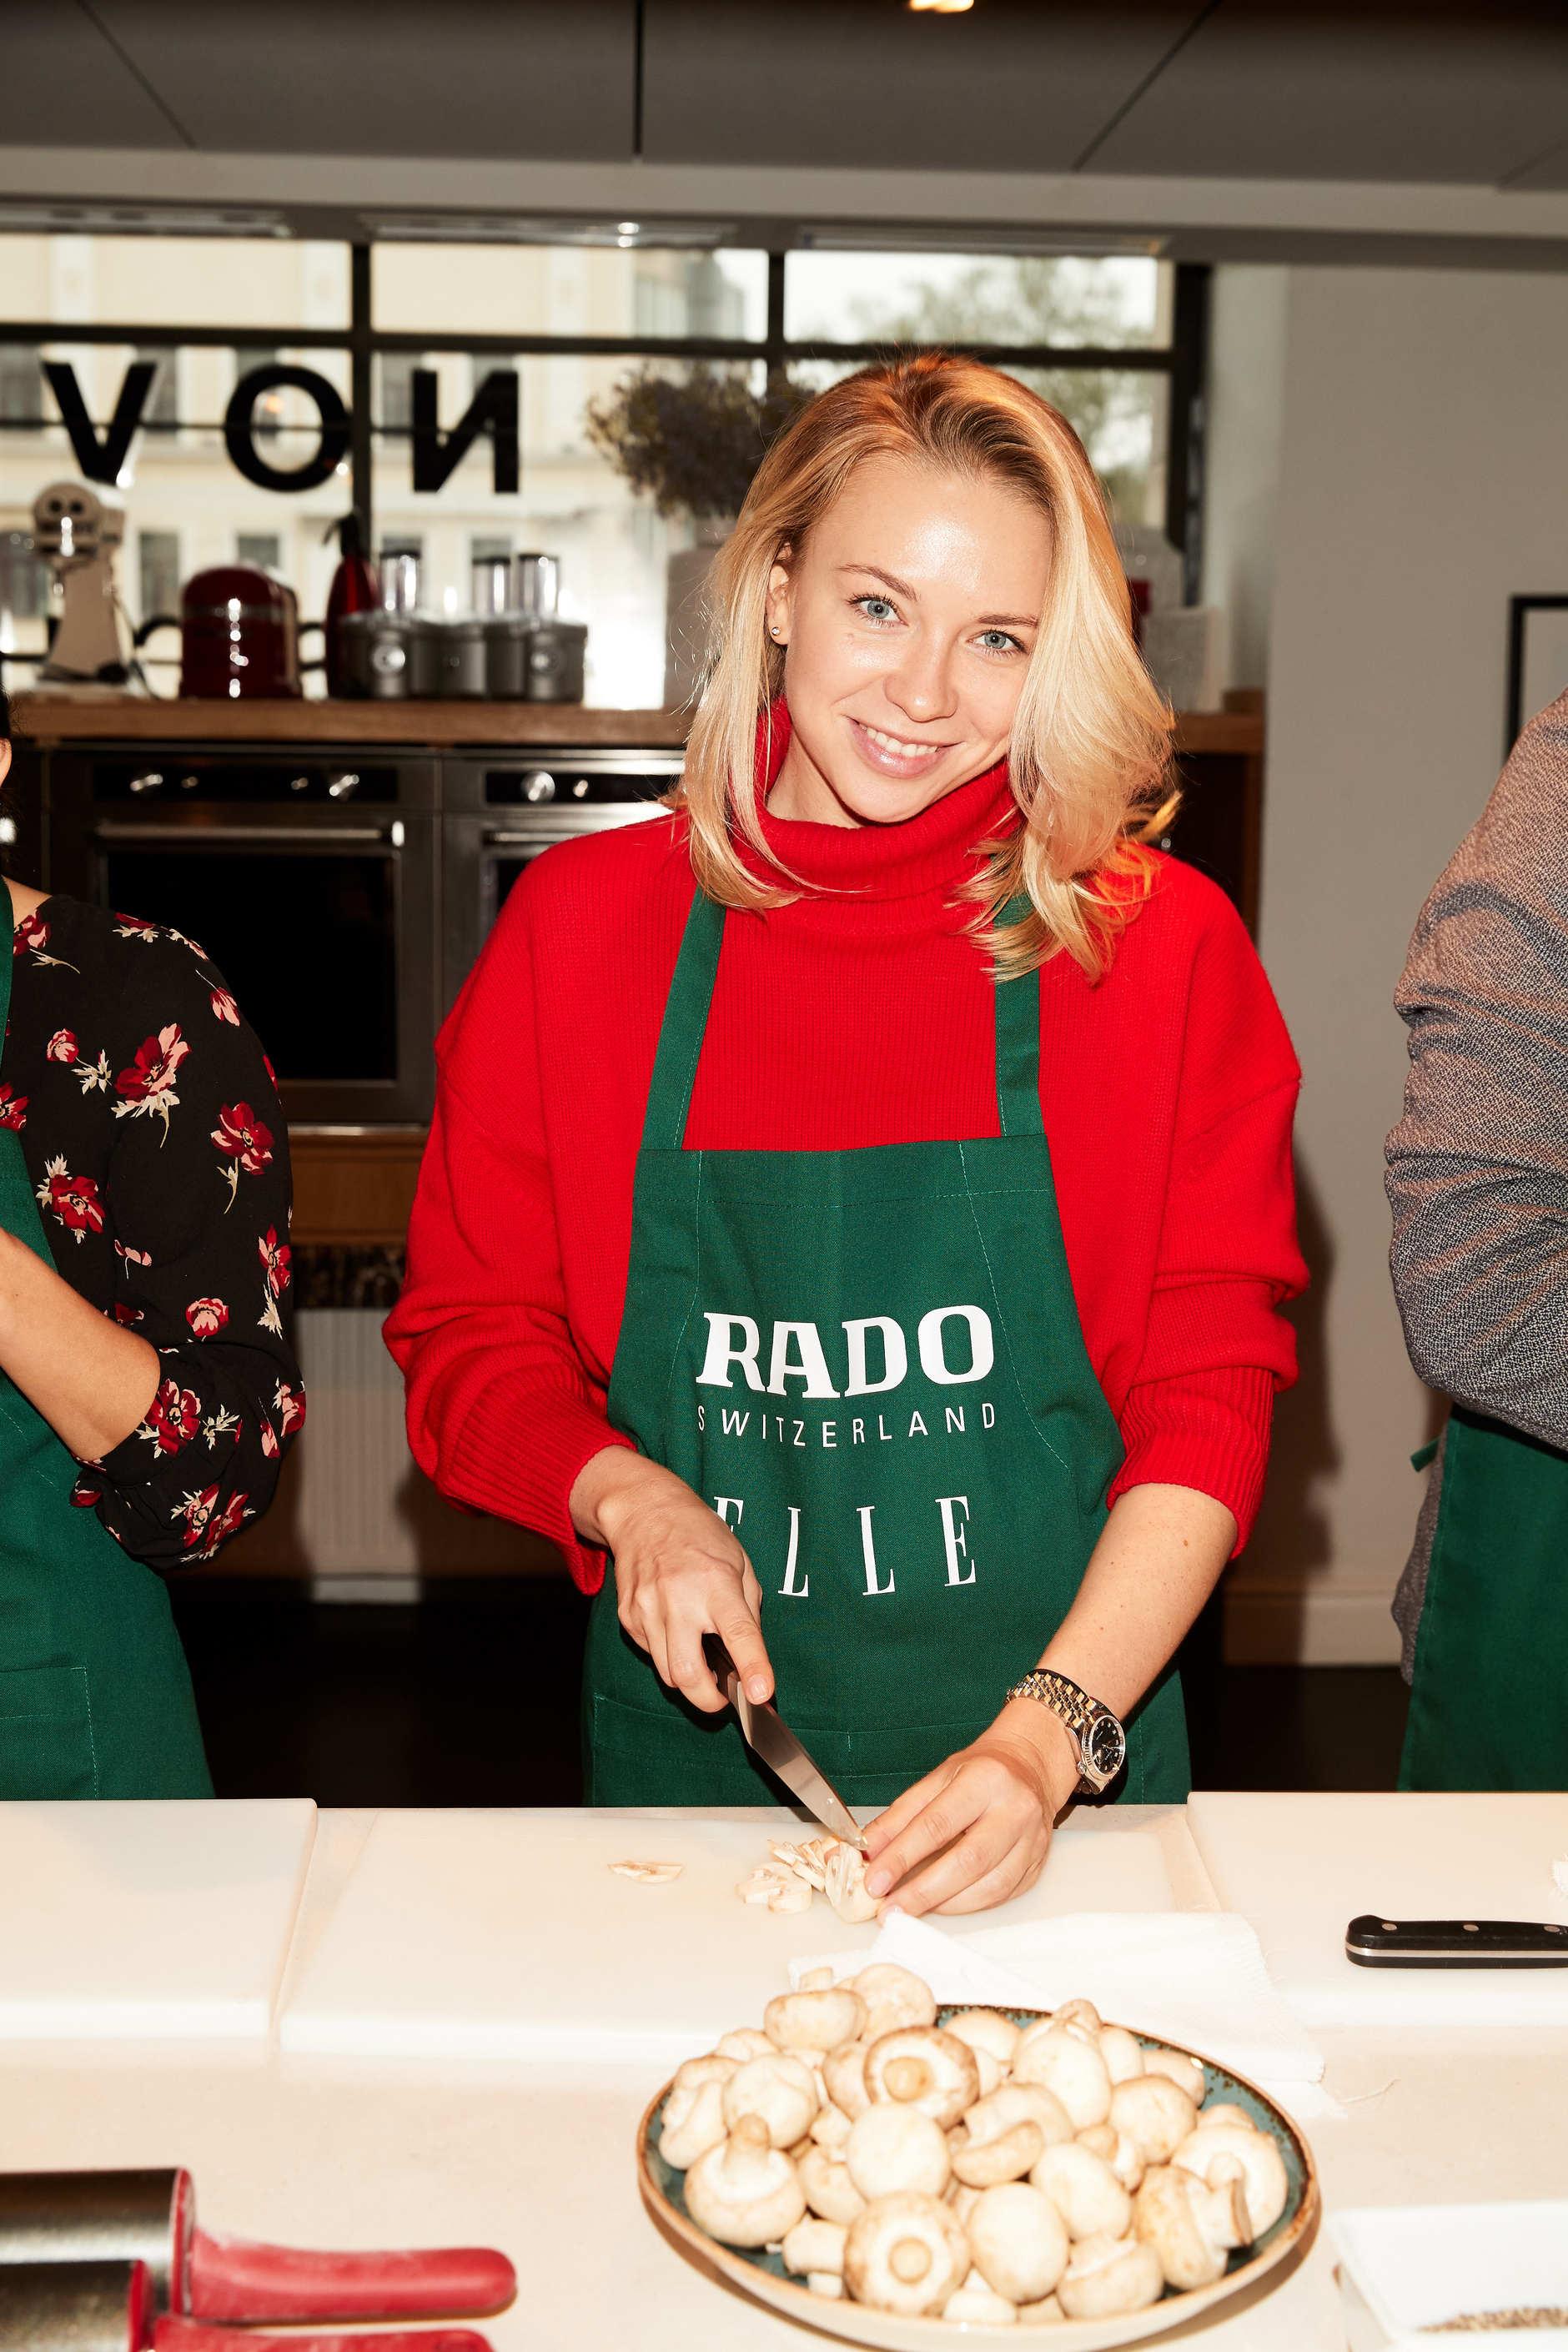 Как прошел камерный звездный завтрак Rado и ELLE (галерея 6, фото 4)